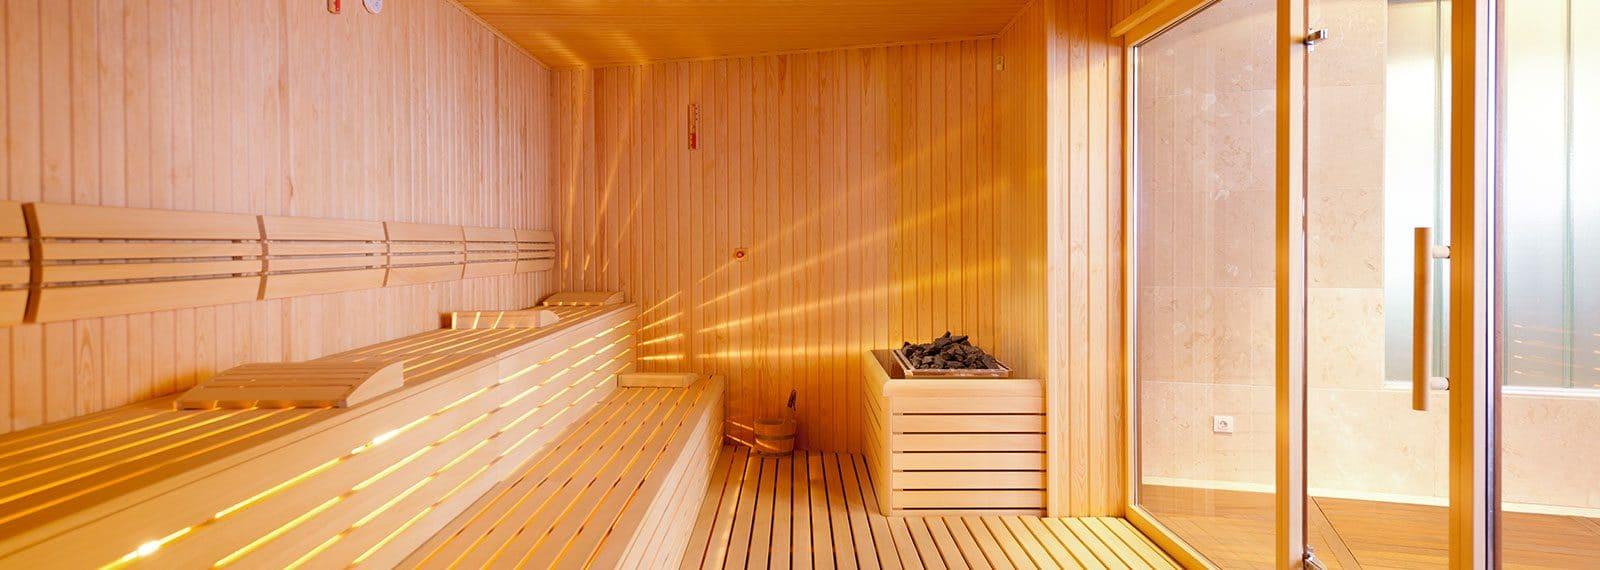 Sauna für Body und Mind